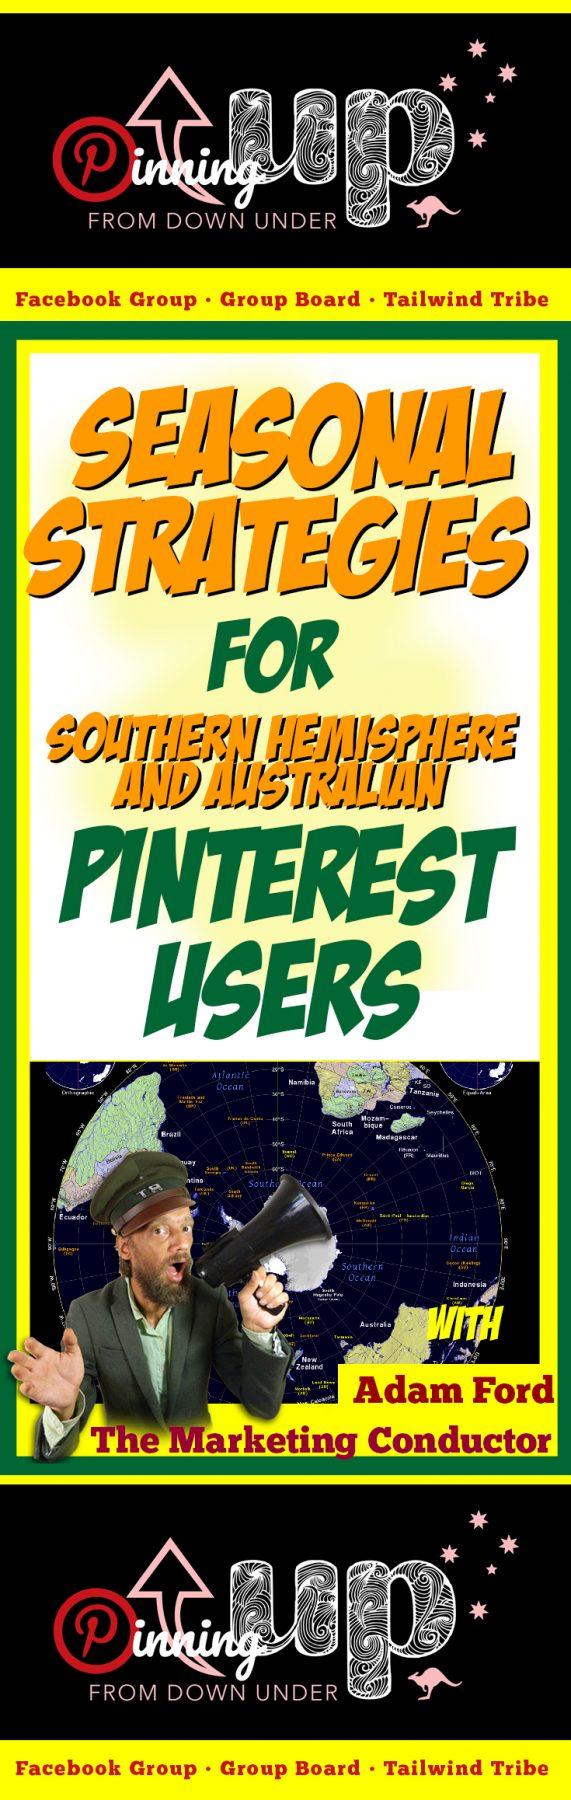 Pinterest, Social Media Marketing